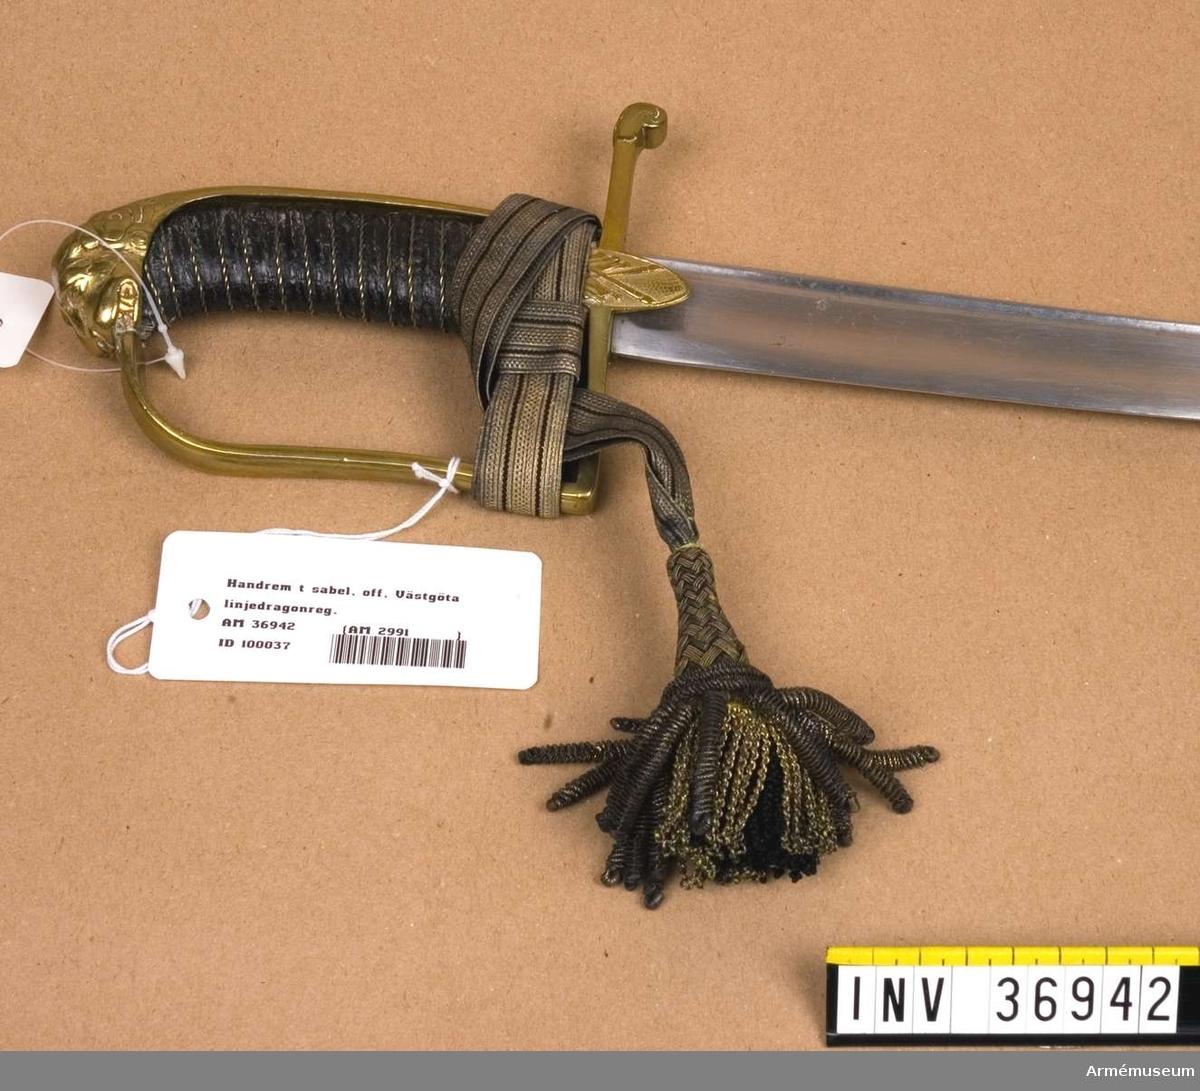 """Grupp C I. Ur uniform för officer vid Västgöta linjedragonregemente. 1806-11. Består av mössa, vapenplåt, kordong, jacka, ridbyxor, halsduk, kartusch, rem, sabelkoppel, handrem, taska, remmar, epåletter, skärp, kraghandskar, stövlar, sporrar. På sabelns katalogkort, AM 36603, står """"Den samhörande portepén påminner mycket om den 1797 fastställda, men har lösa fransar. Den torde vara av en äldre modell."""""""